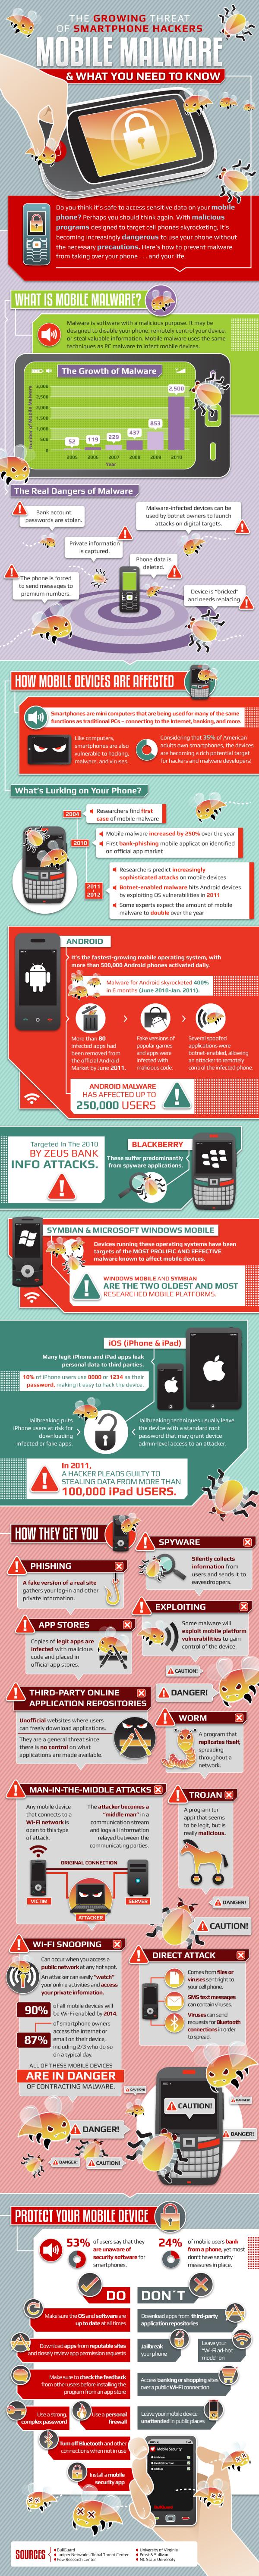 malwares mobile